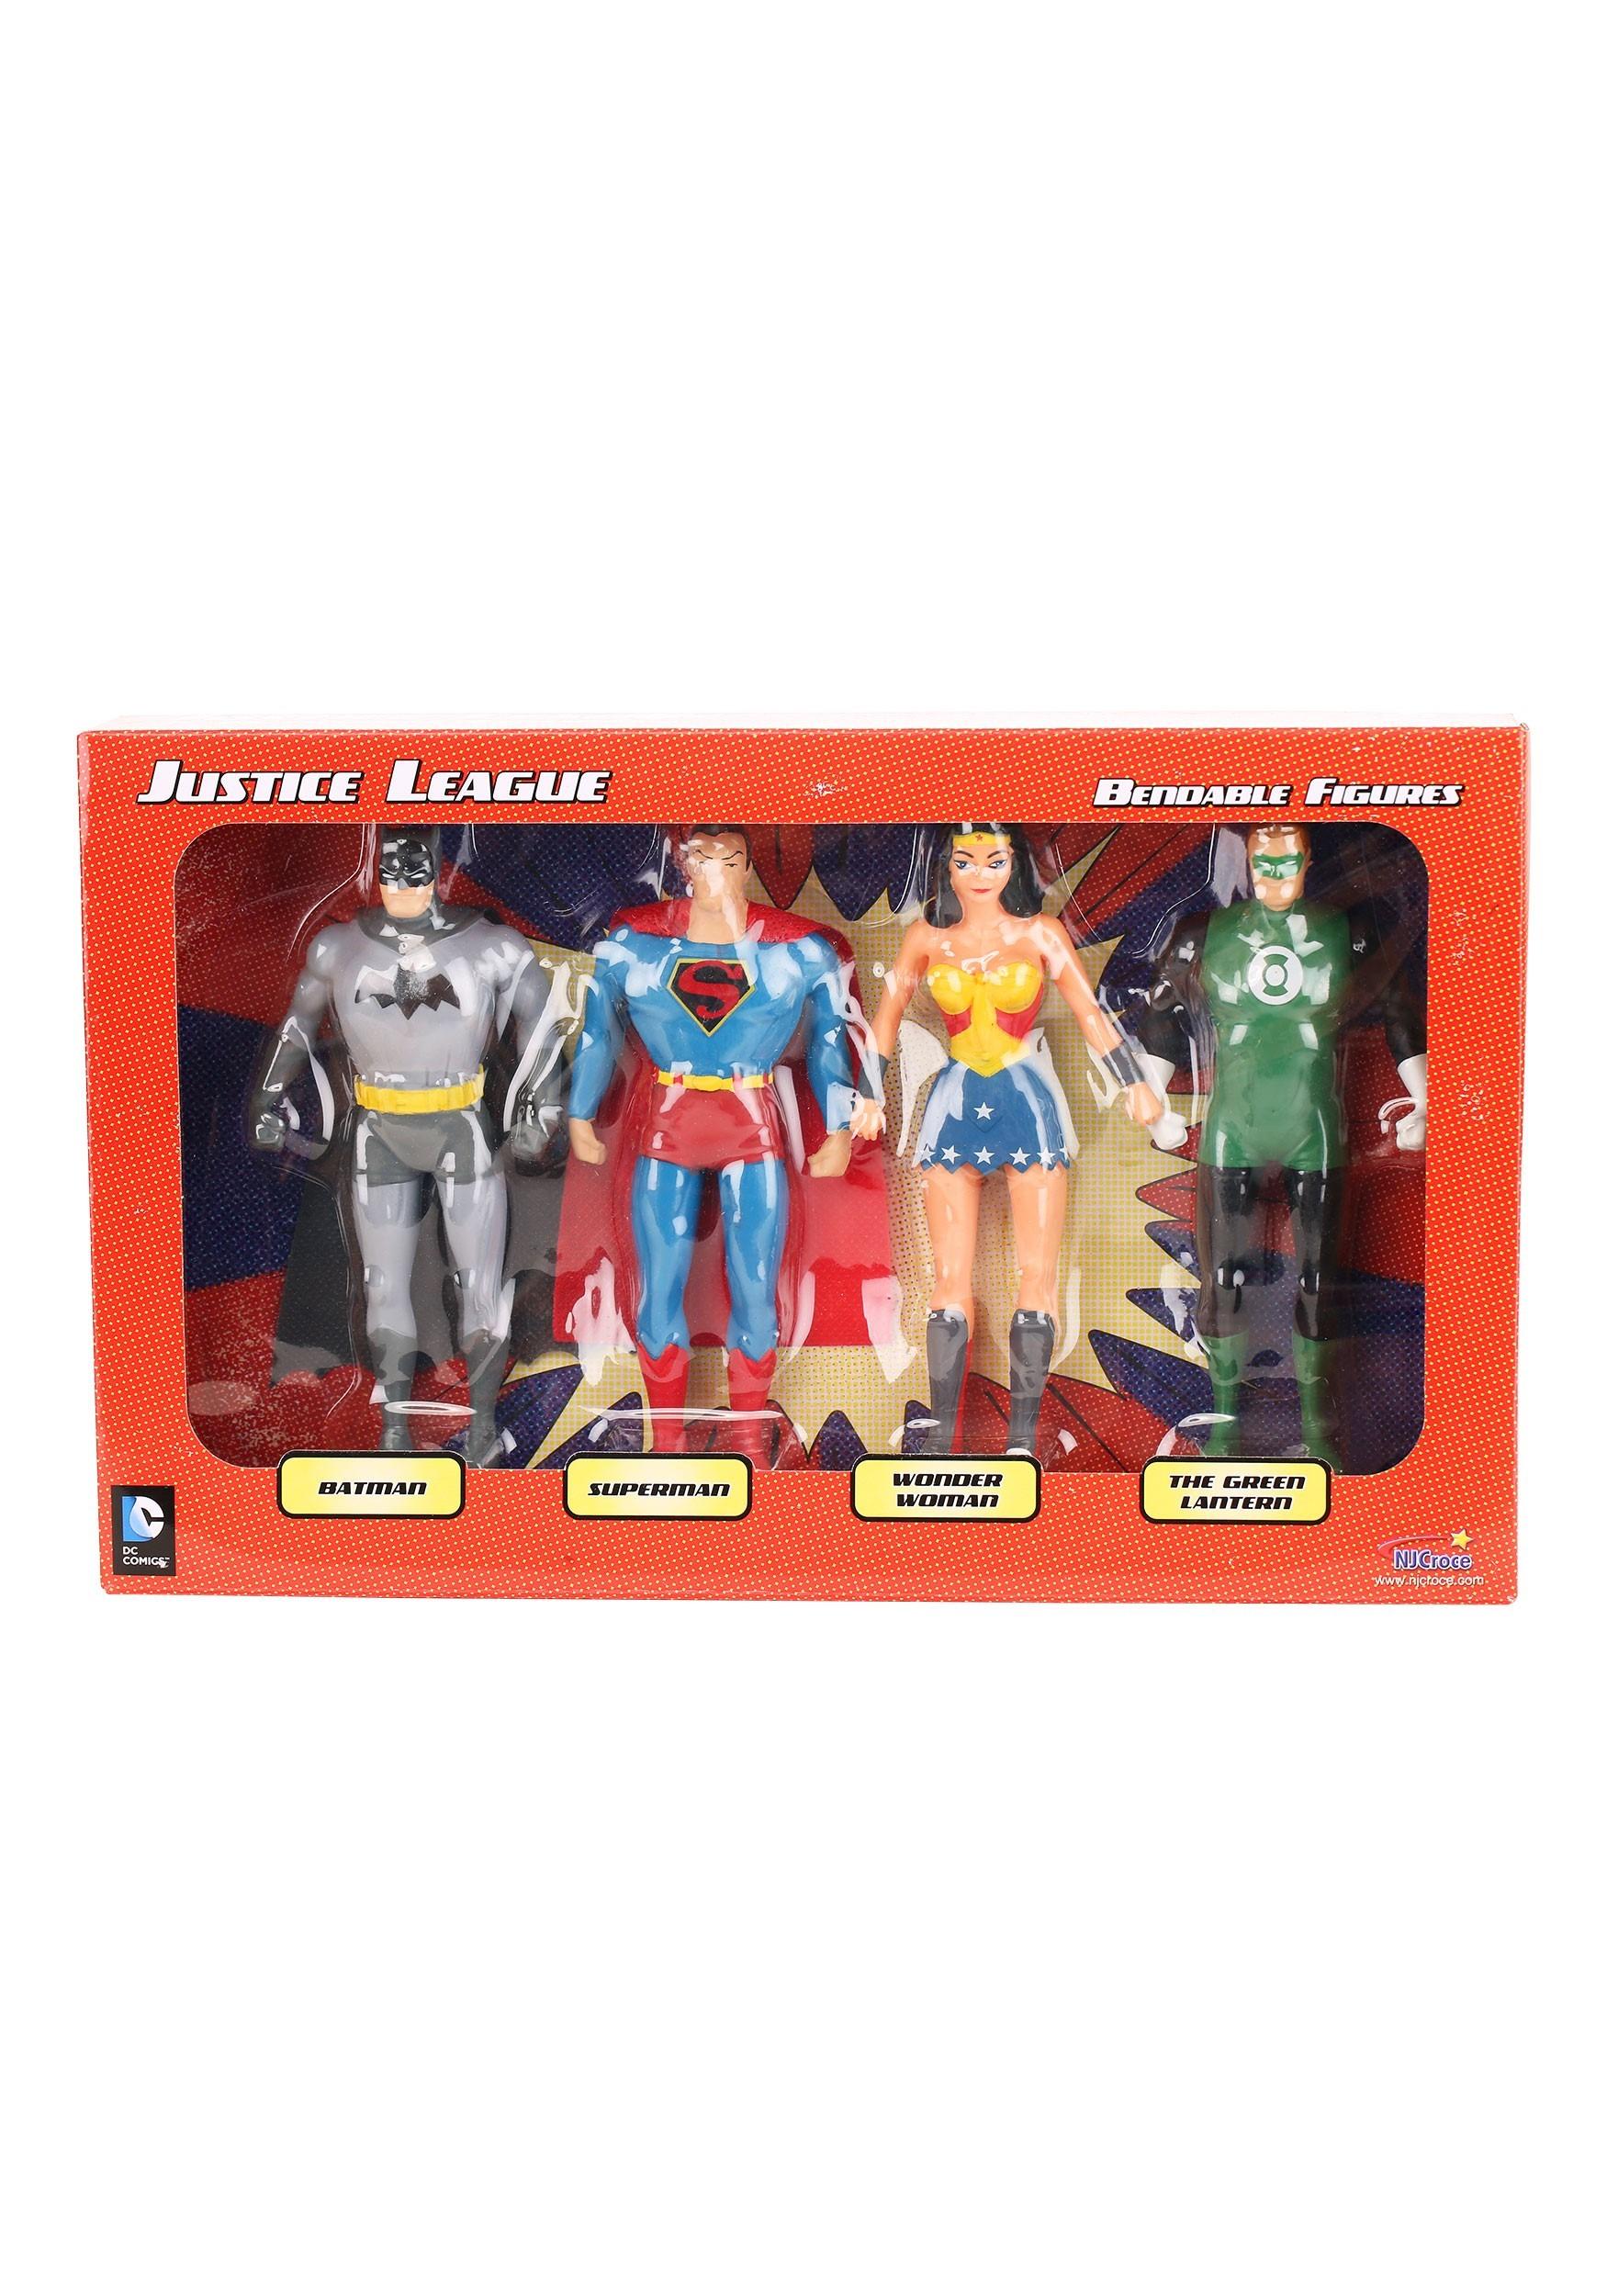 Justice League Bendable Figures Boxed Set NJCDC3900